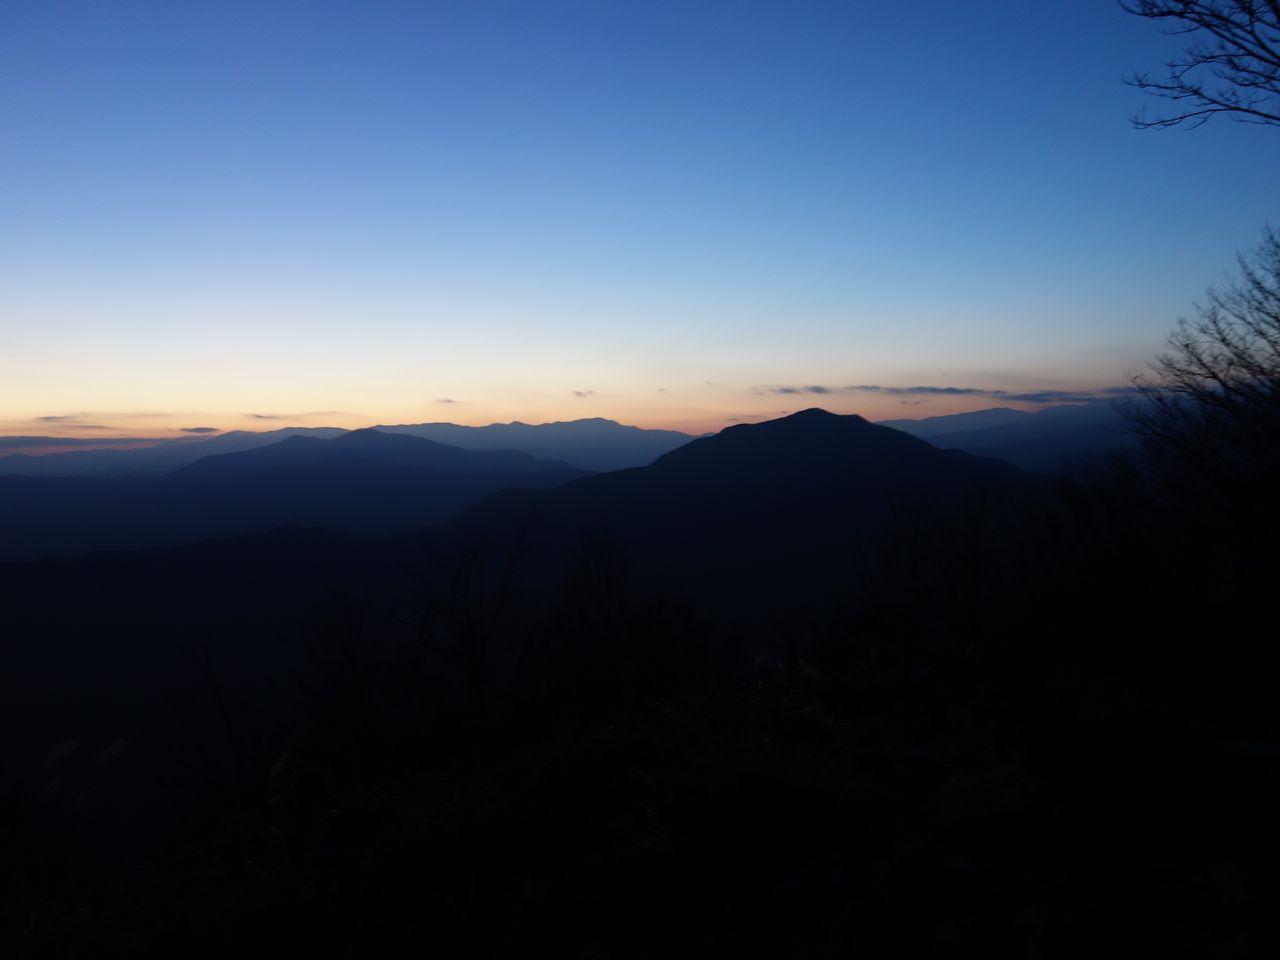 大岳山から見た黄昏時の三頭山と御前山